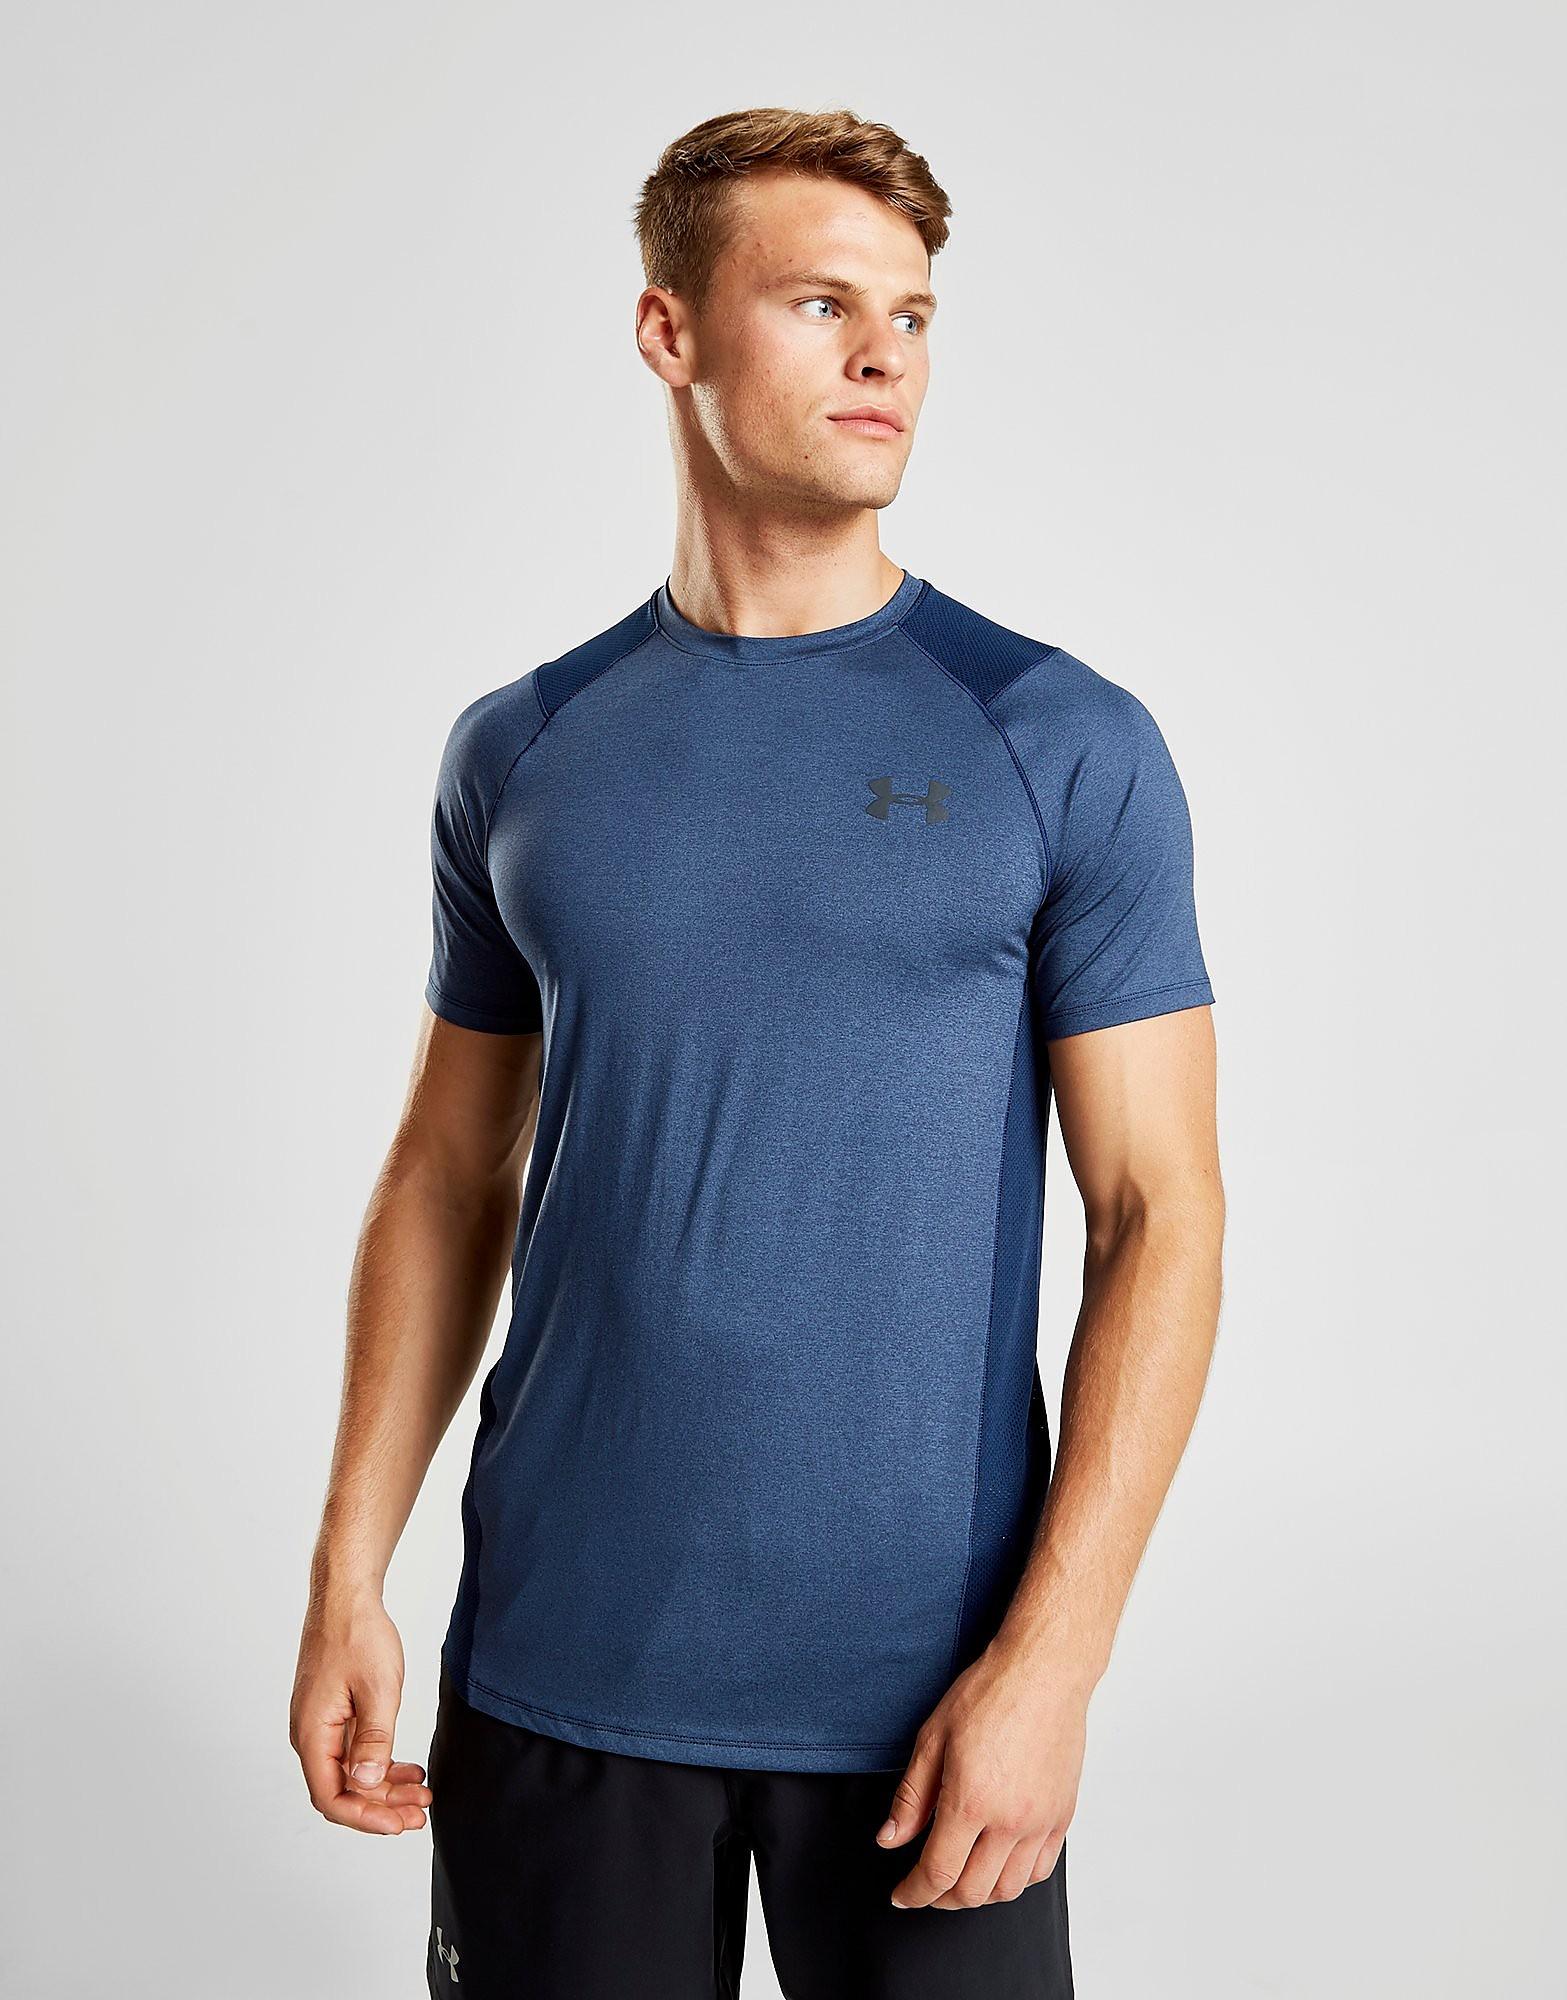 Under Armour Threadborne Elite T-Shirt Heren - Blauw - Heren